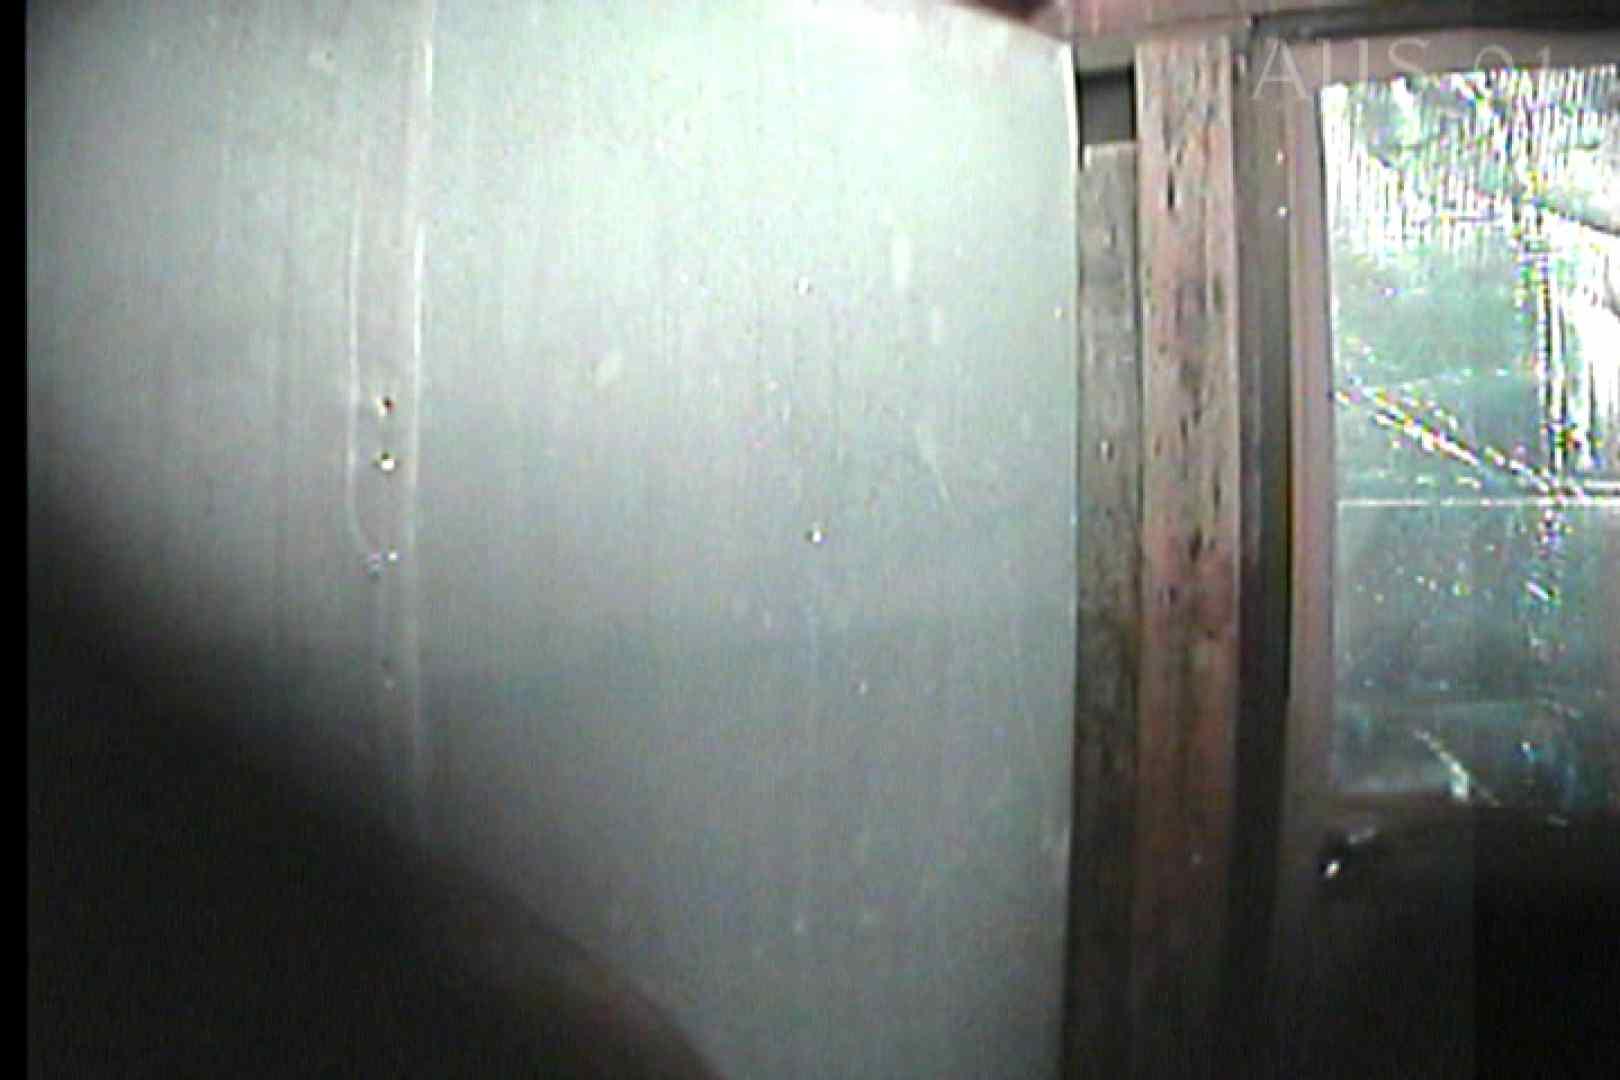 海の家の更衣室 Vol.05 日焼けした肌 エロ画像 82画像 47